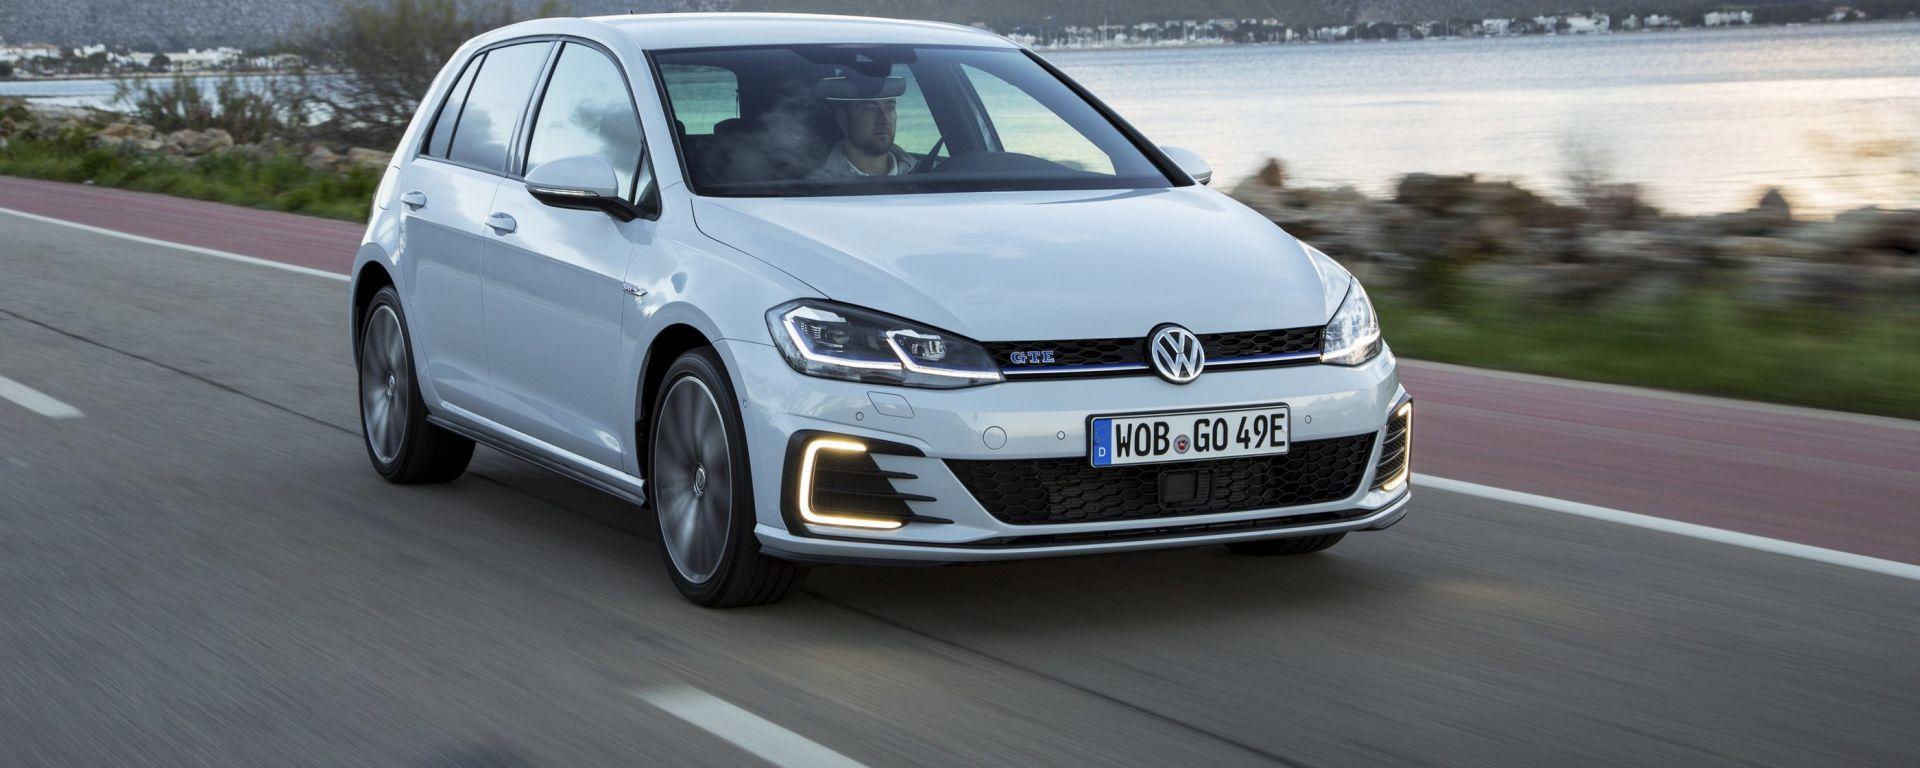 Volkswagen Golf GTE restyling: la compatta ibrida plug-in si rinnova nello stile